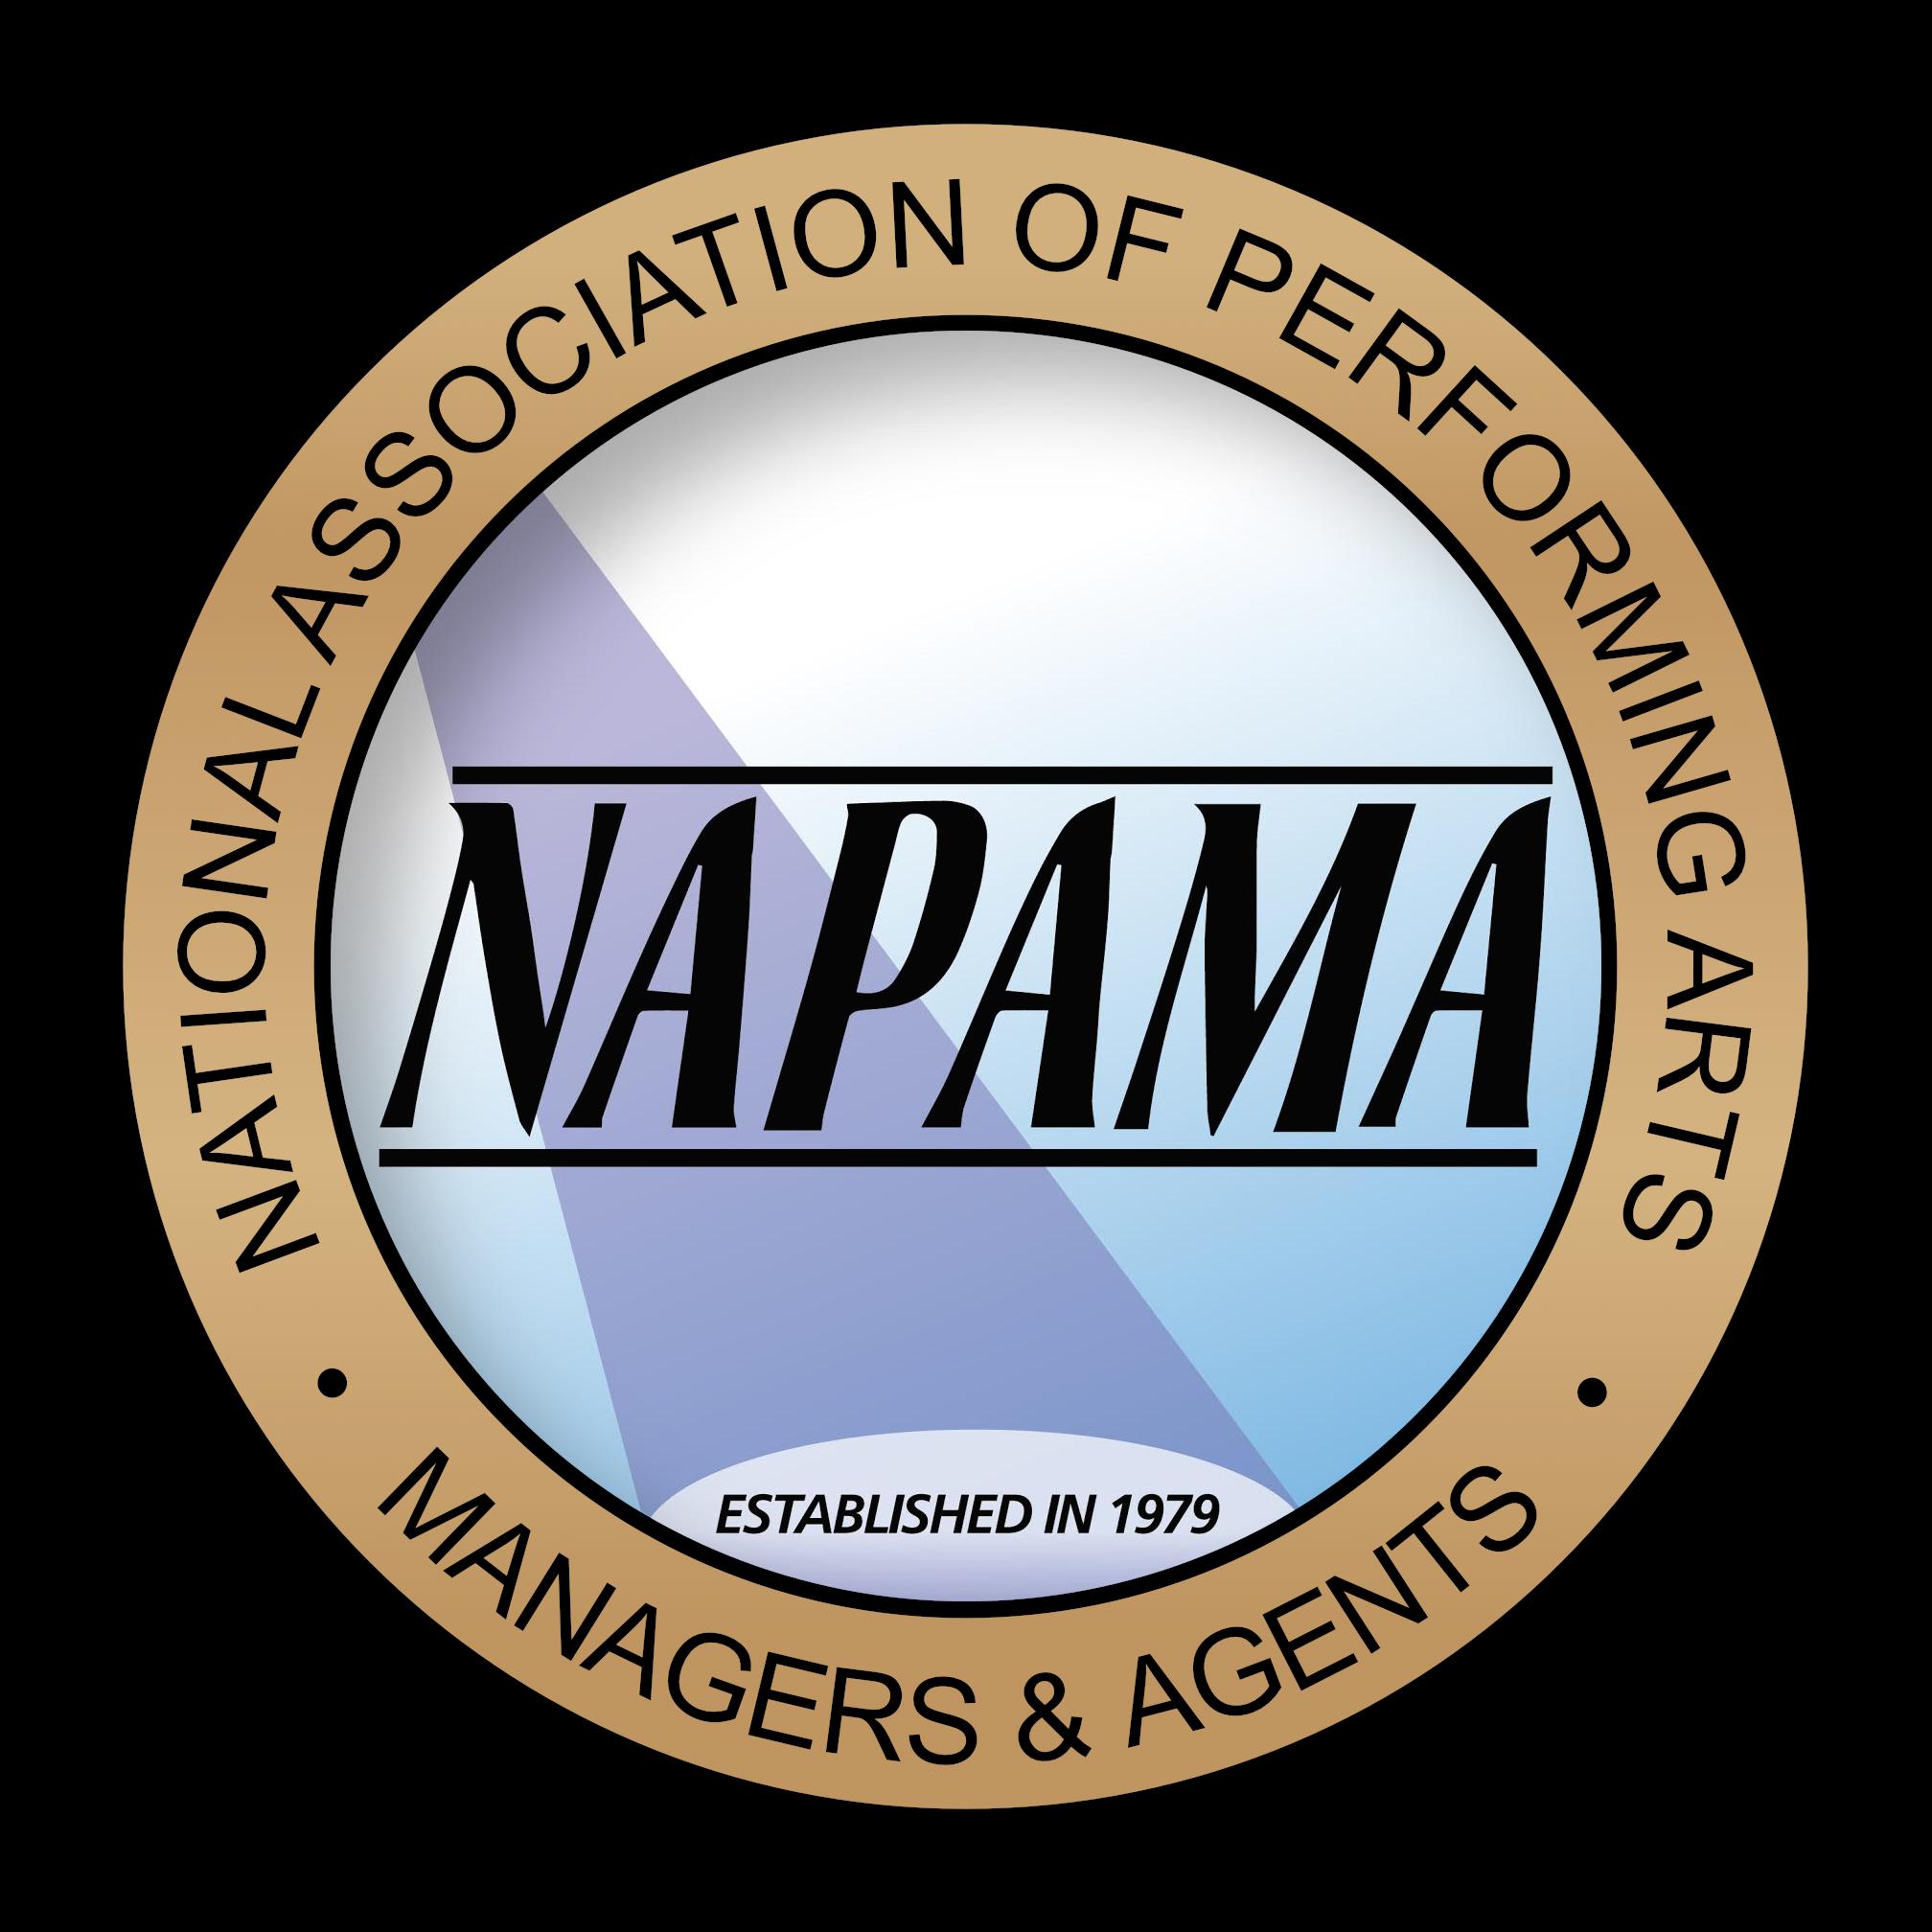 NAPAMA Logo Rebuild.png